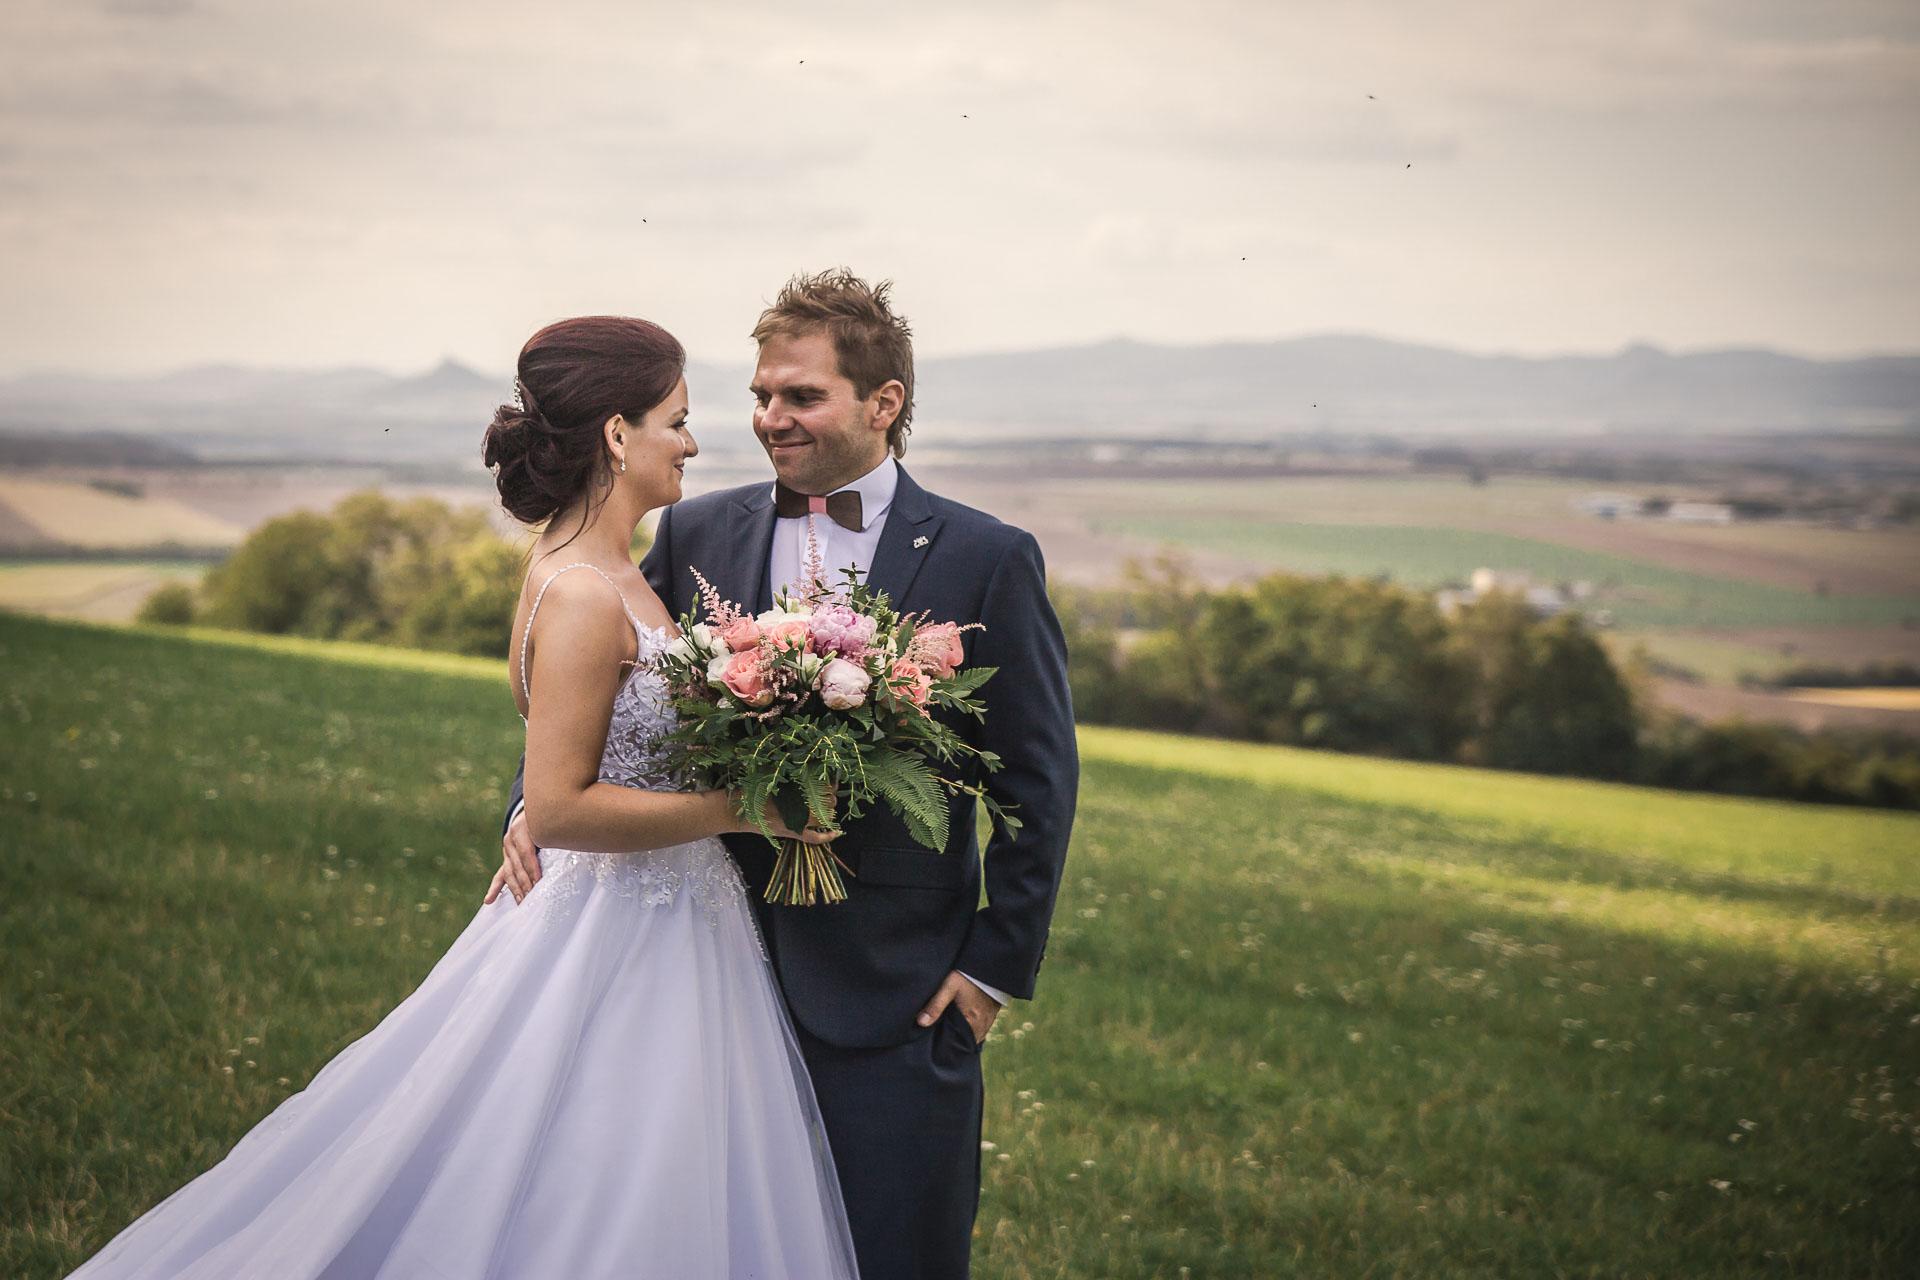 svatební-fotografie-Říp-svatební-video-ŘÍP-svatební-fotograf-ŘÍP-svatba-Mělník-svatba-Neratovice-fotograf-na-savtbu-kameraman-na-svatbu-314